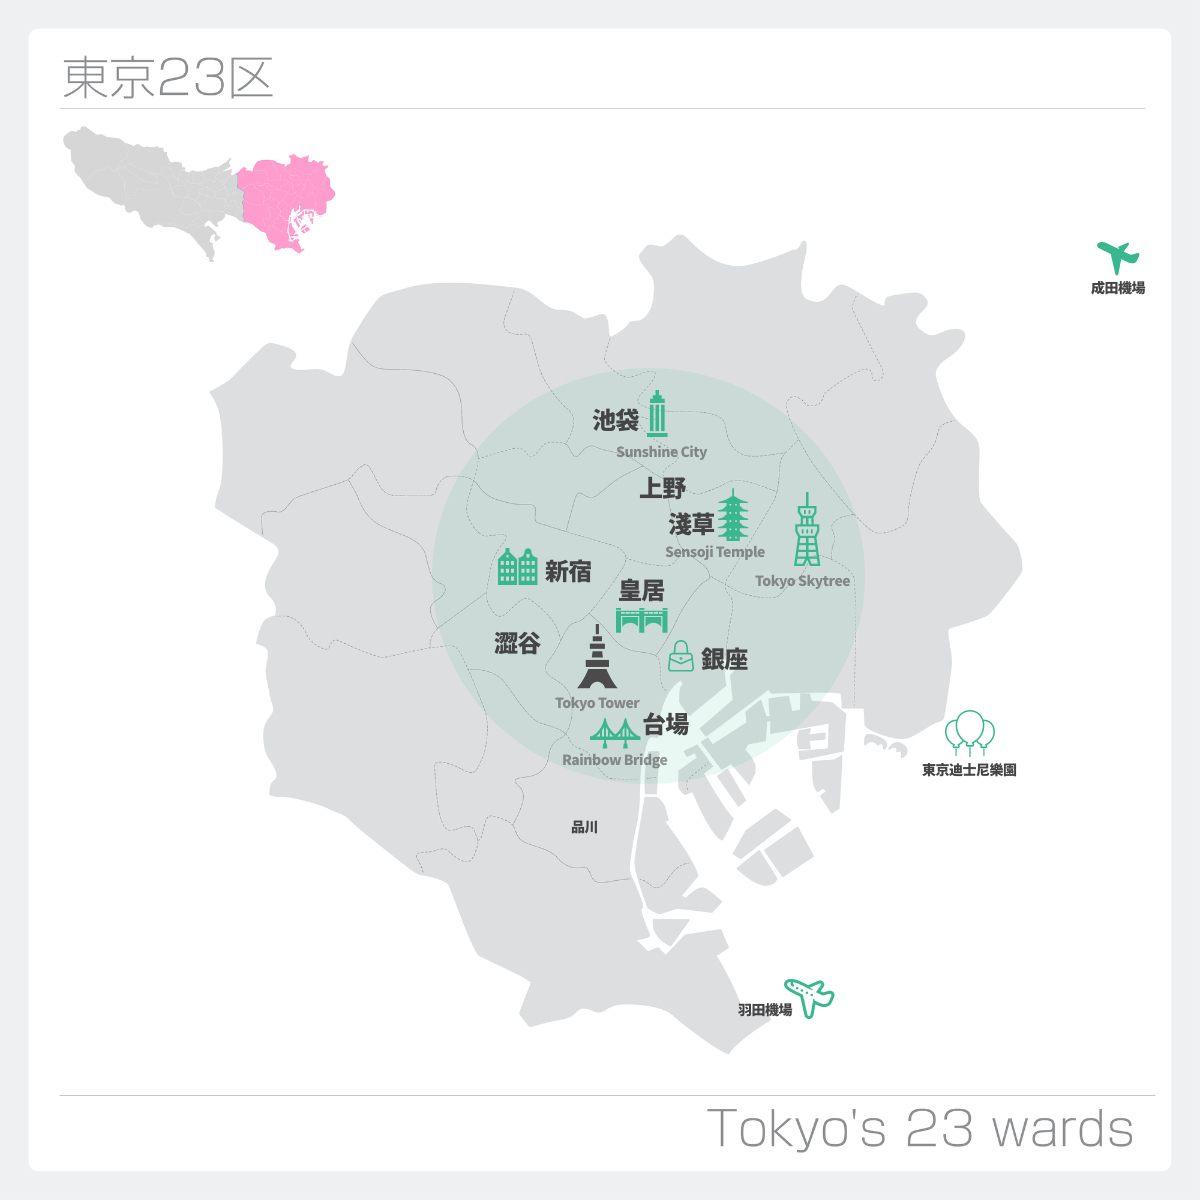 綠色圓圈範圍內也就是所謂的東京都心